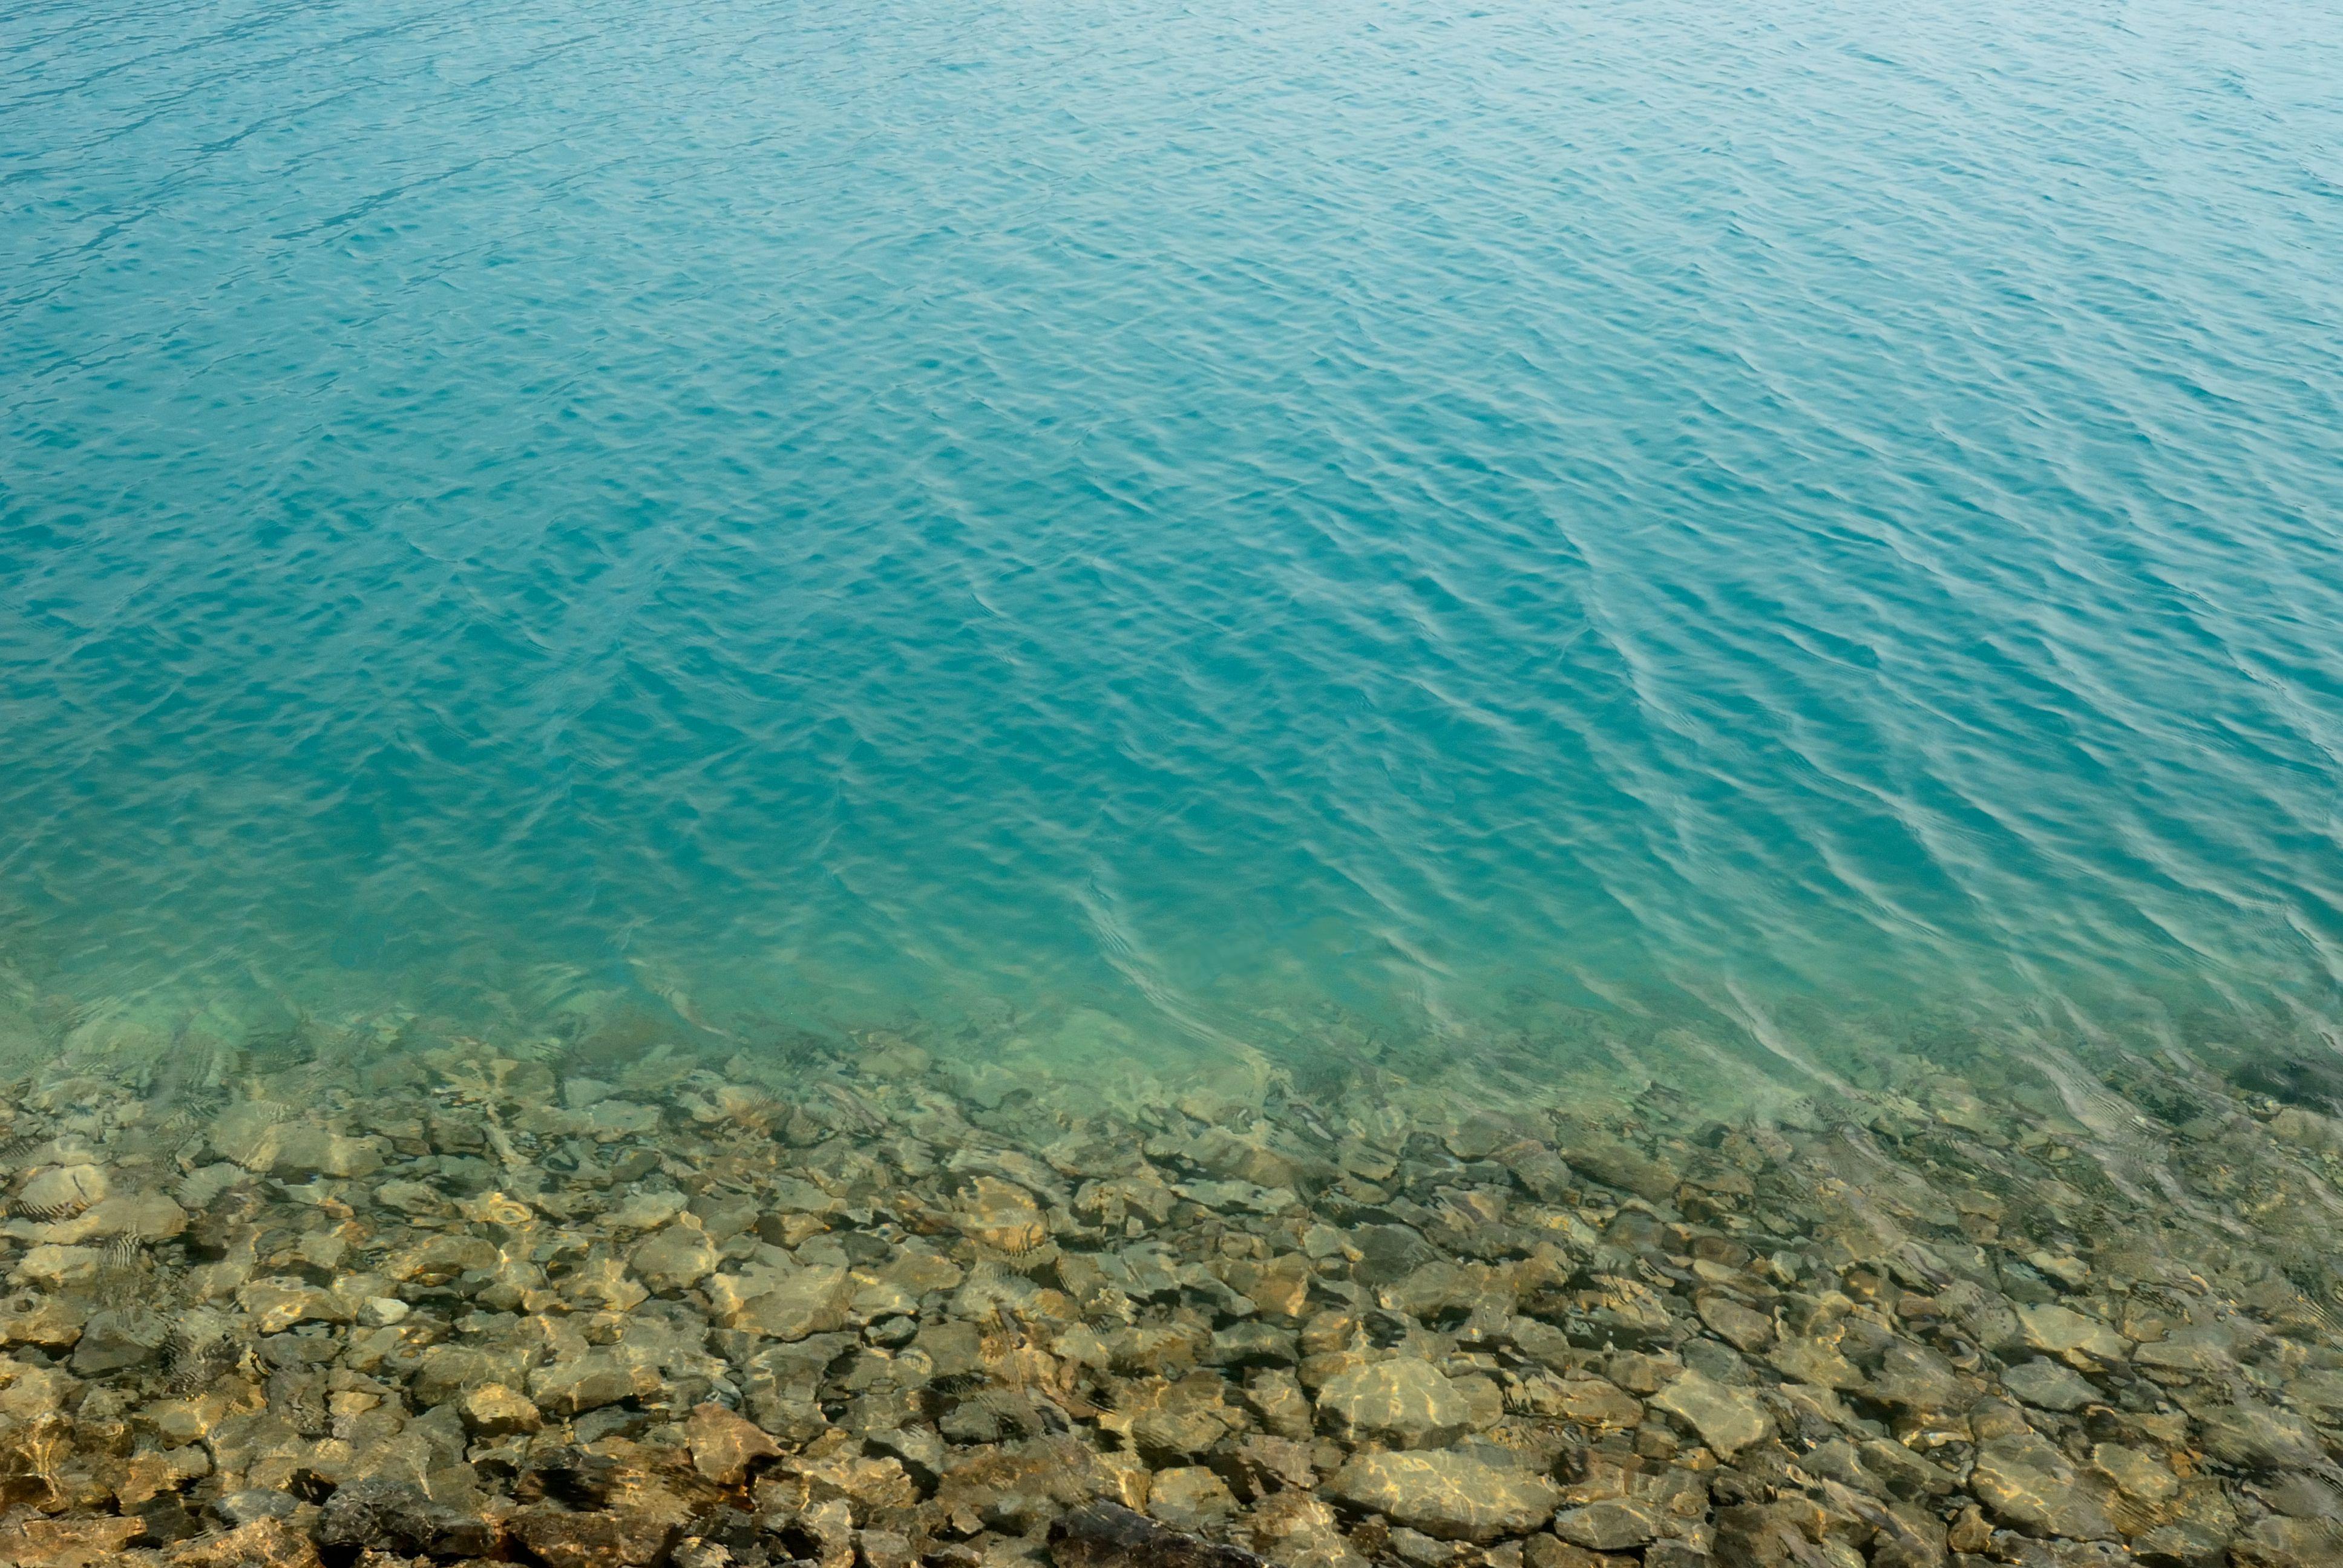 El agua de los lagos - 3872x2592